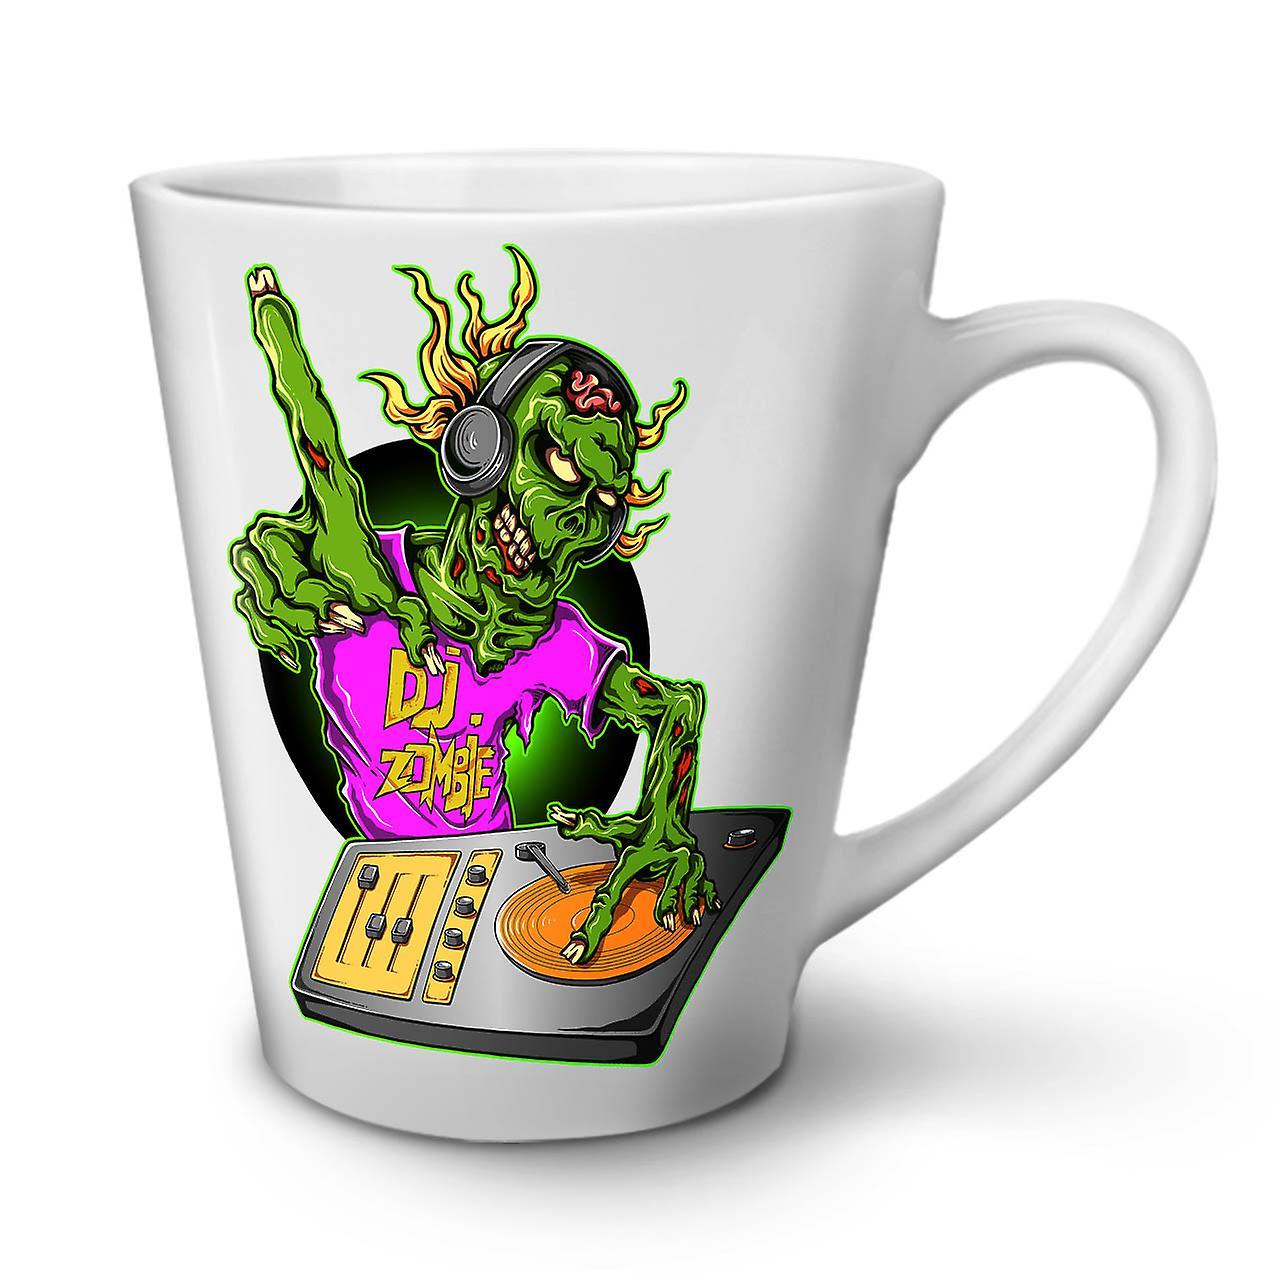 Blanche Zombie Café 12 Nouvelle Latte Mode Dj Céramique Tasse Musique De OzWellcoda En 1FJcT5ulK3